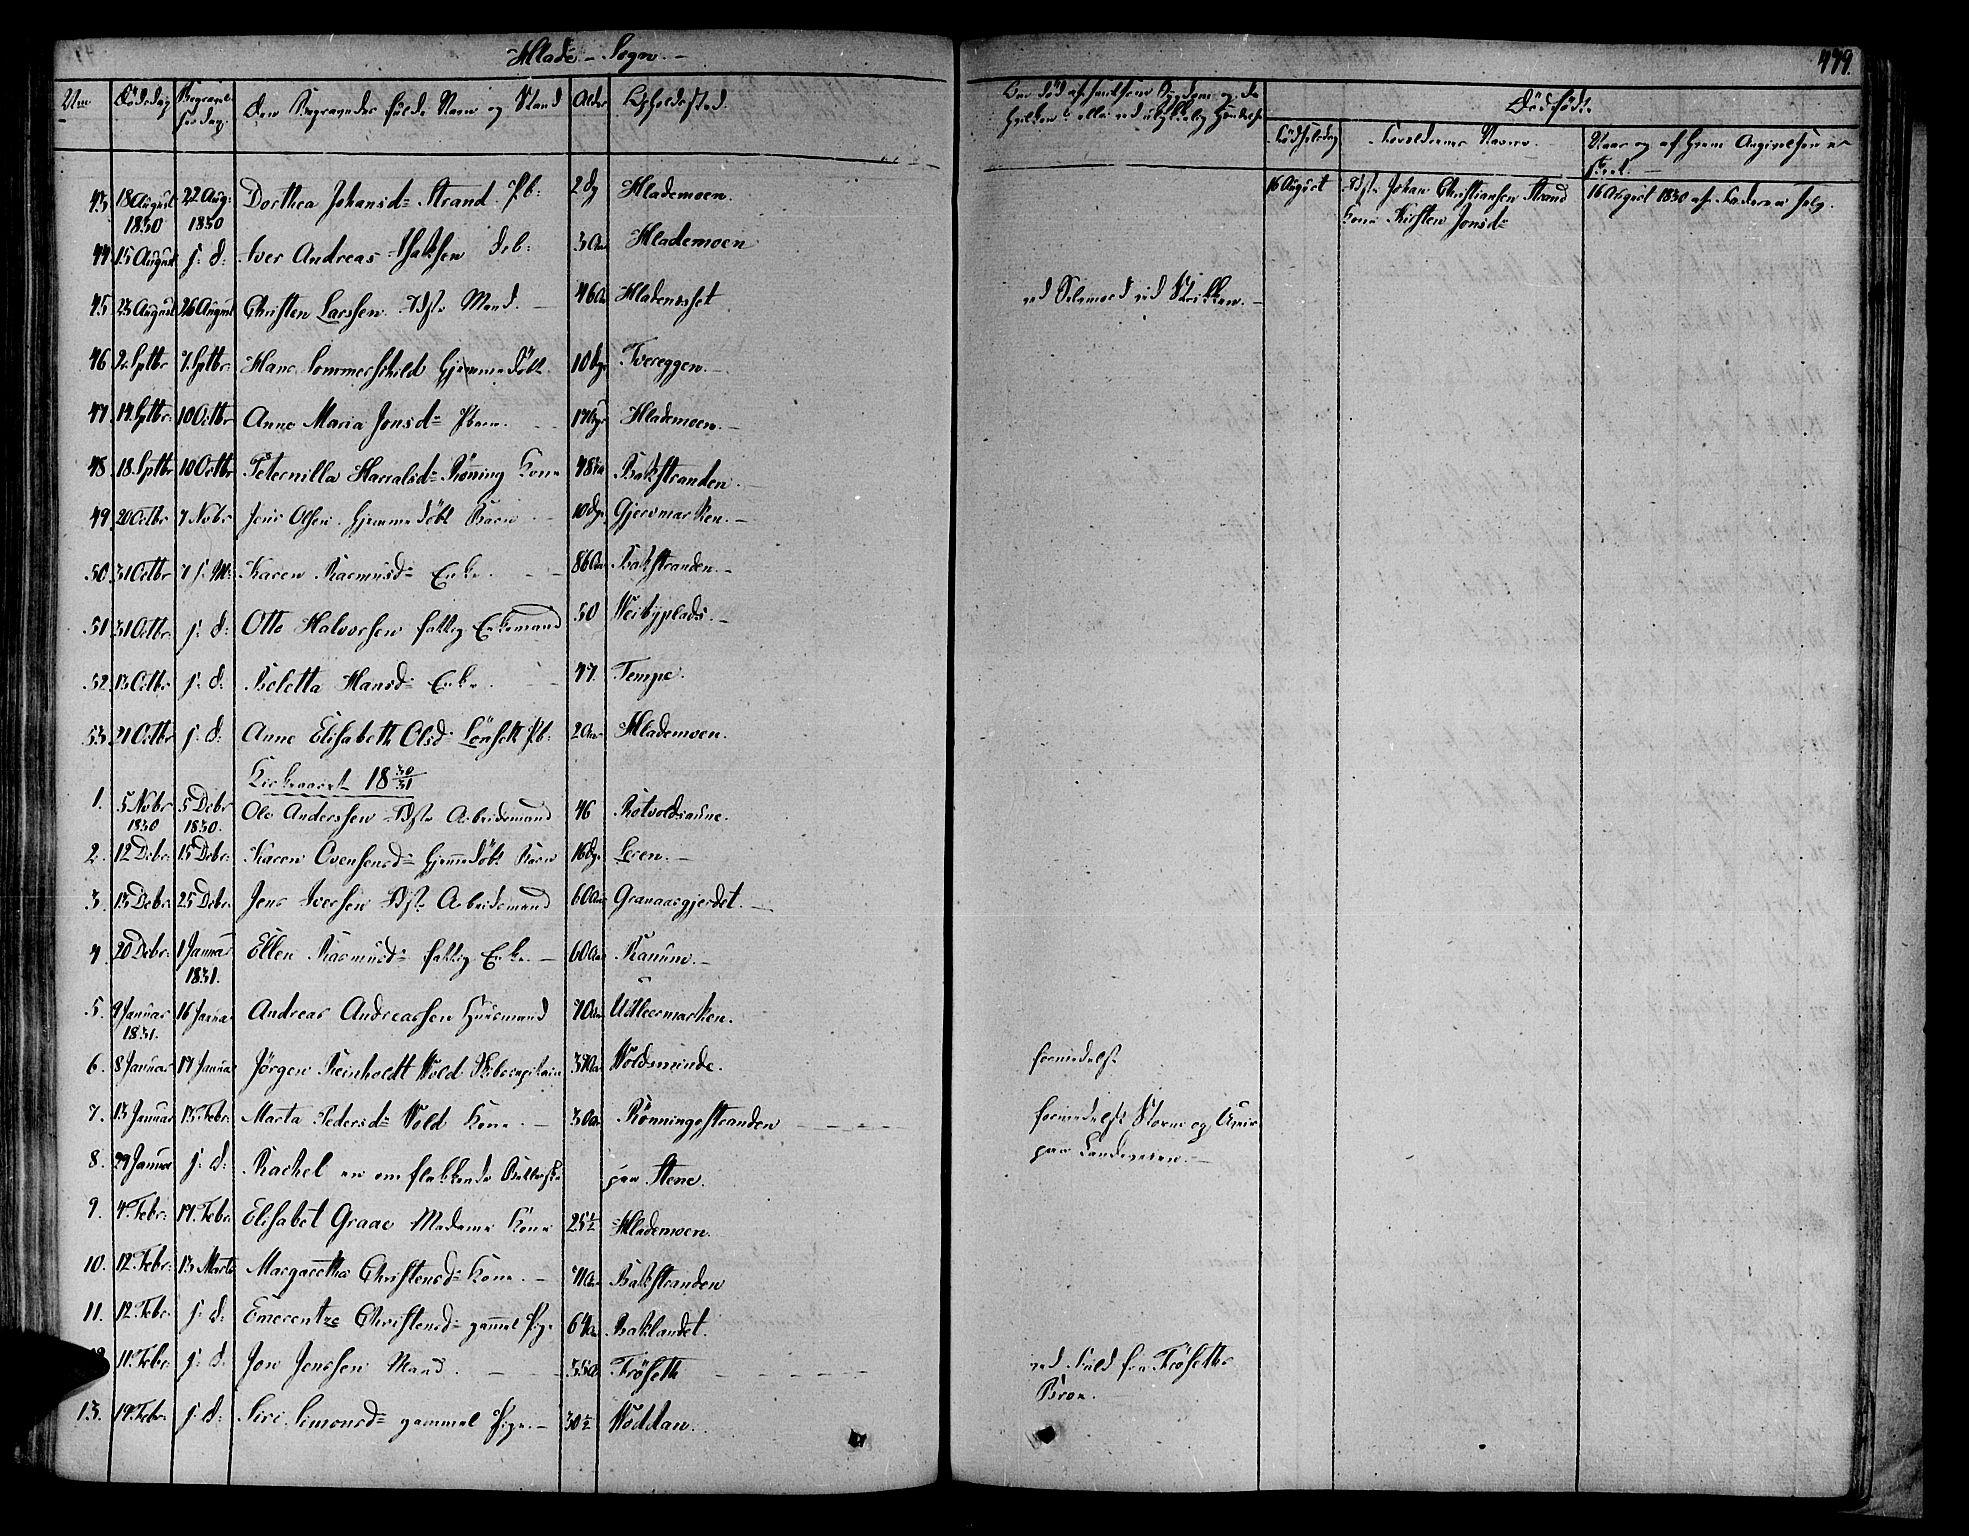 SAT, Ministerialprotokoller, klokkerbøker og fødselsregistre - Sør-Trøndelag, 606/L0286: Ministerialbok nr. 606A04 /1, 1823-1840, s. 479